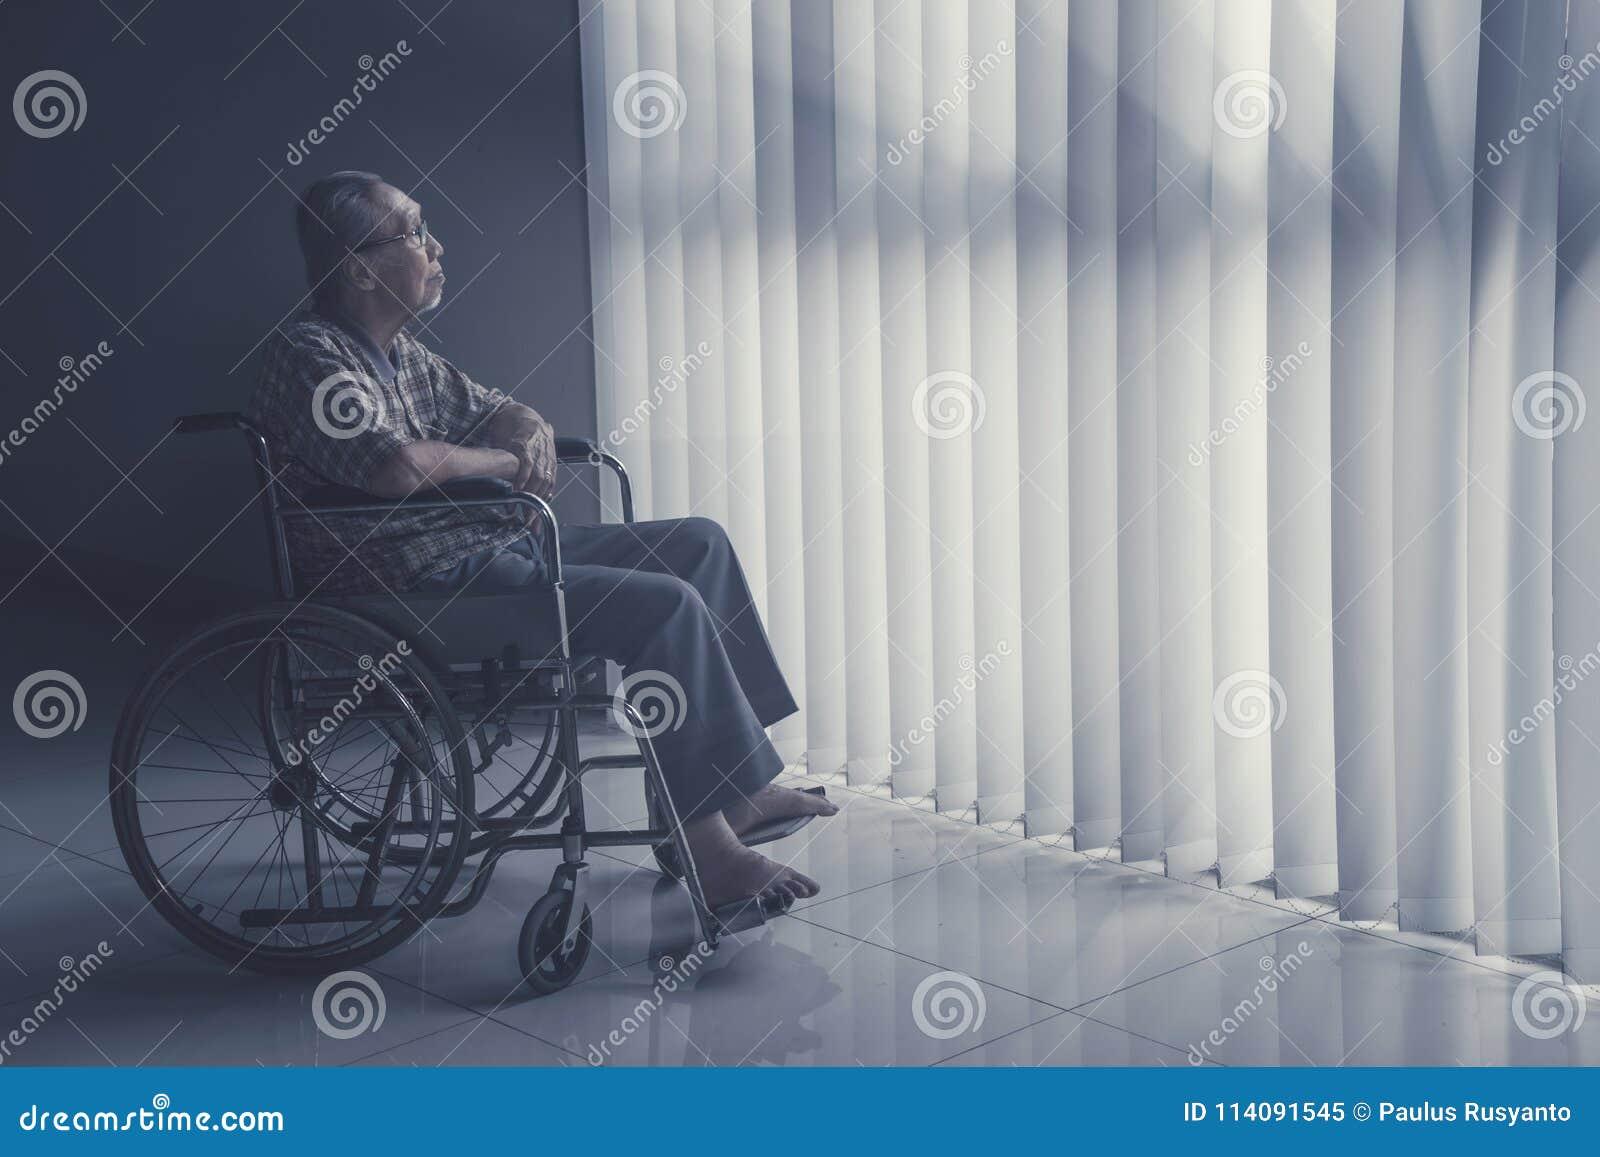 Alter Mann sitzt auf Rollstuhl beim Träumen